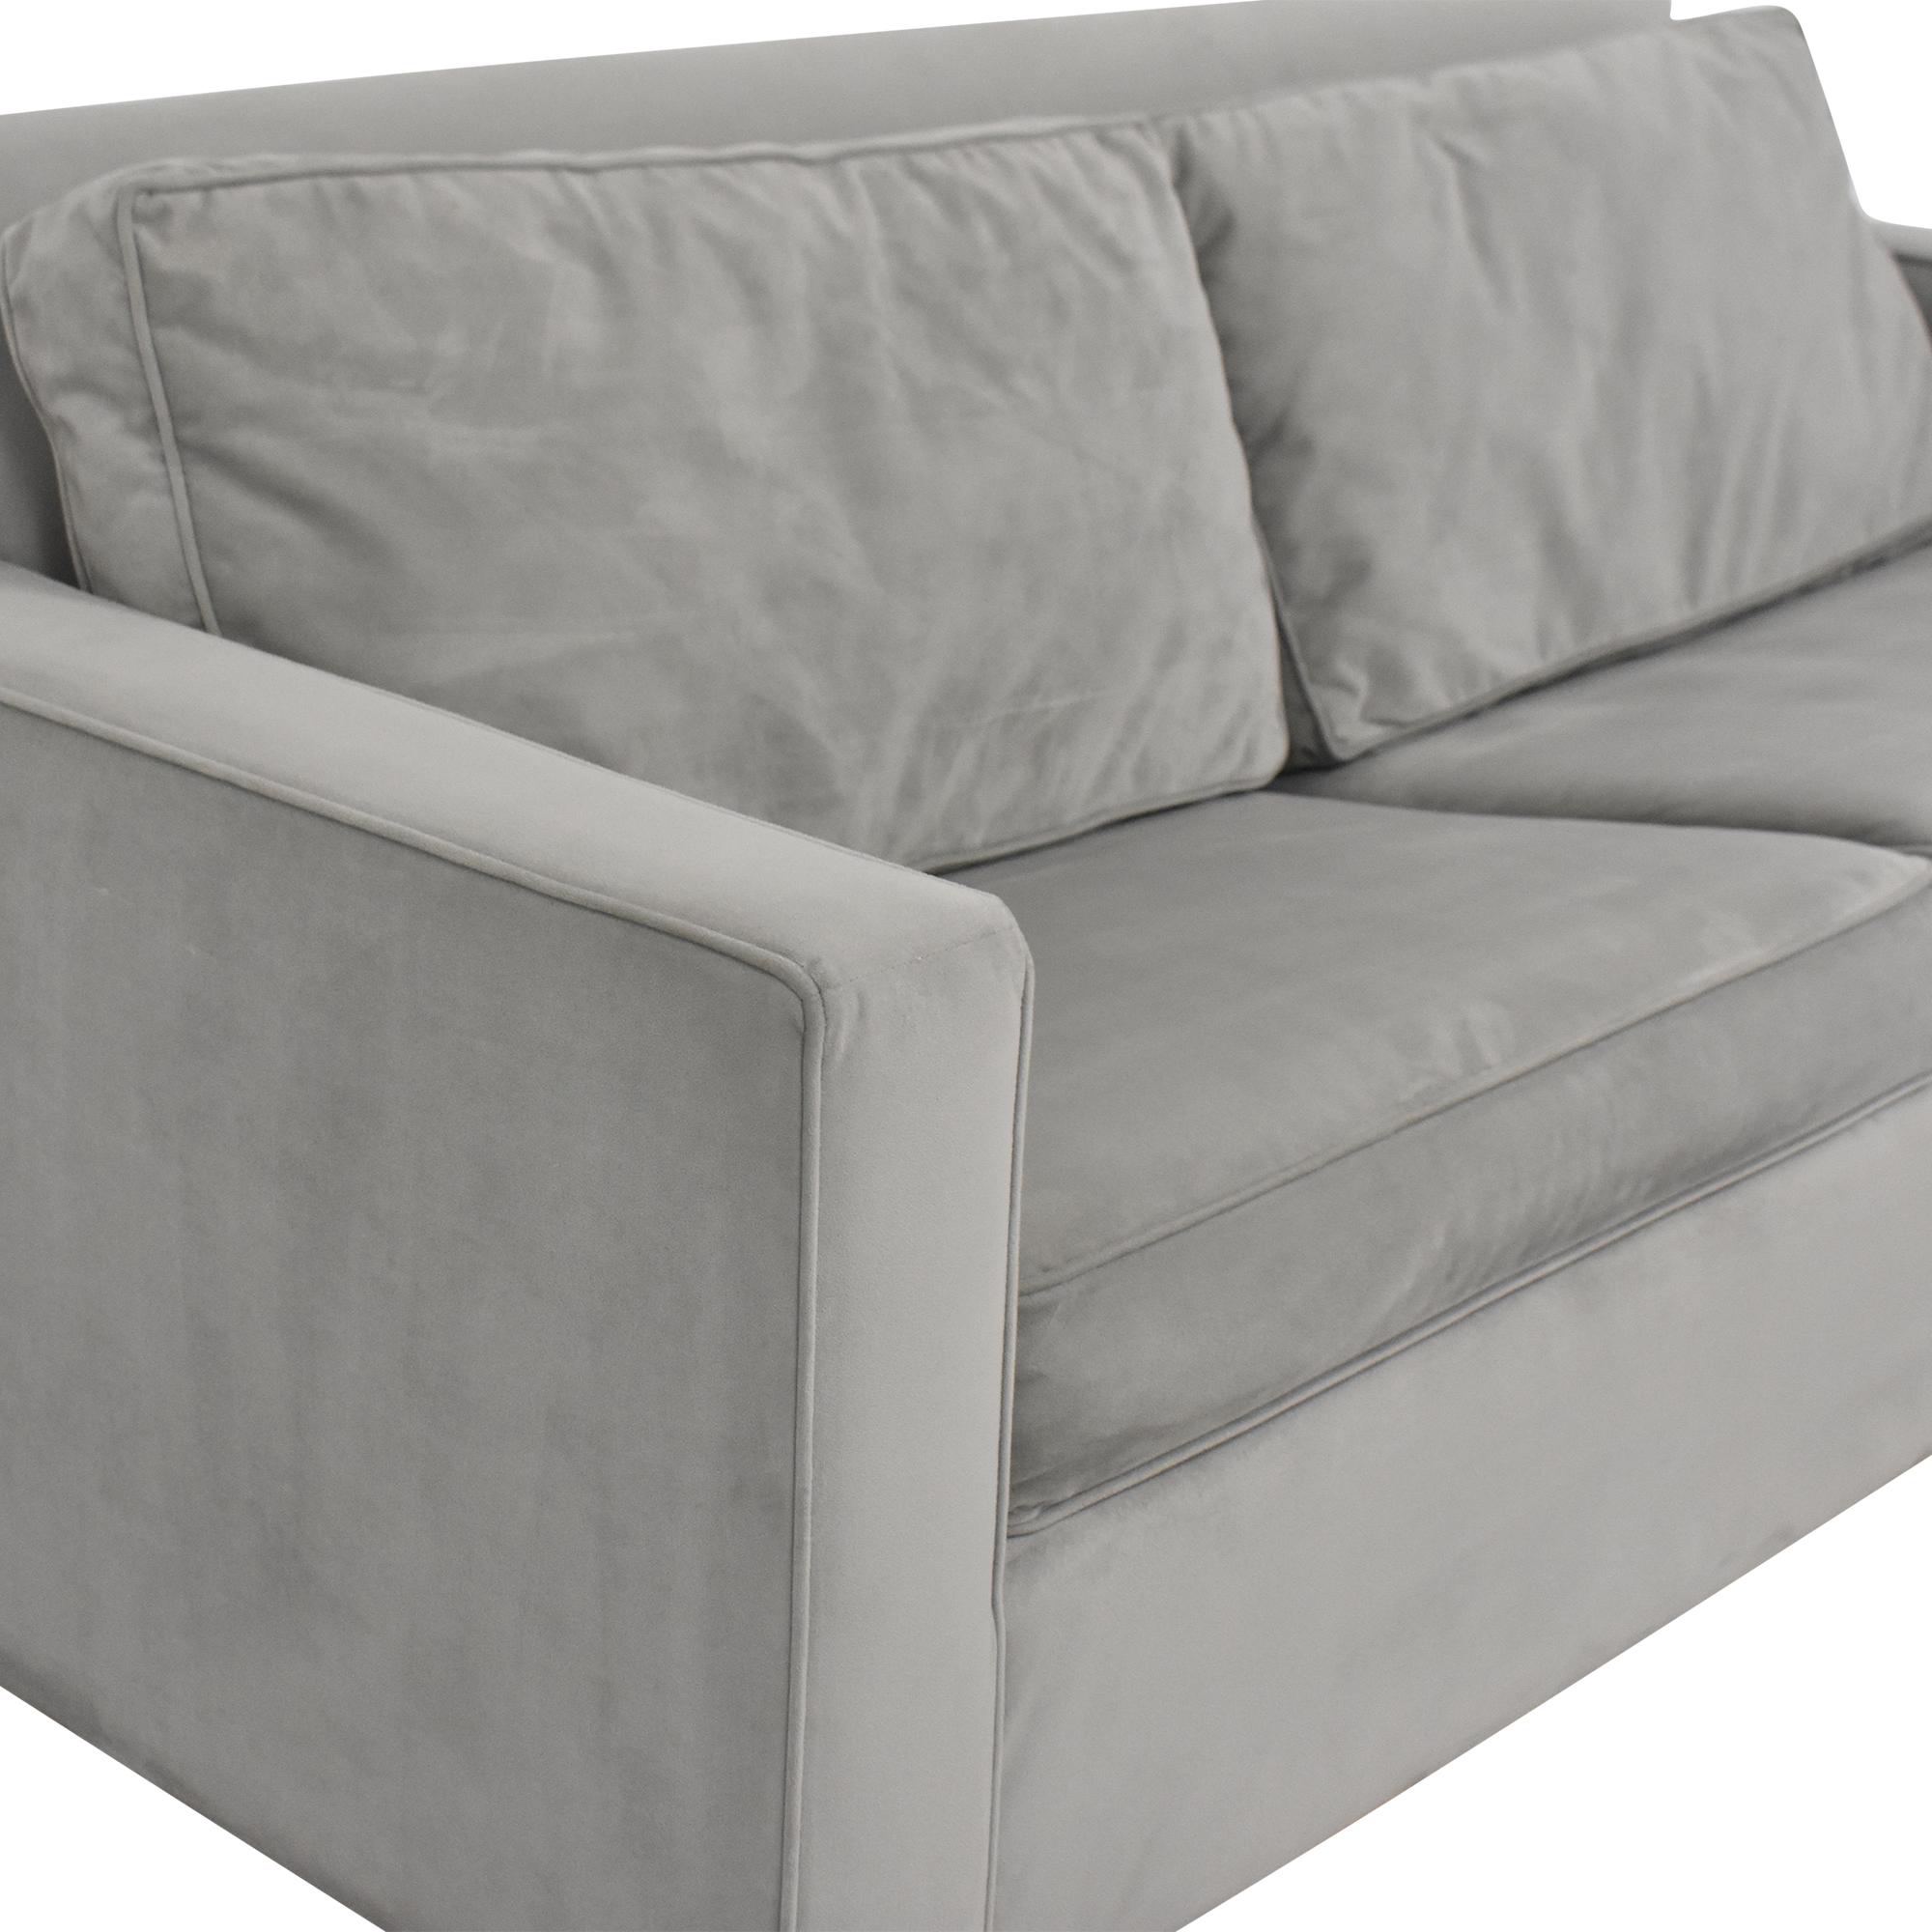 West Elm Henry Queen Sleeper Sofa sale